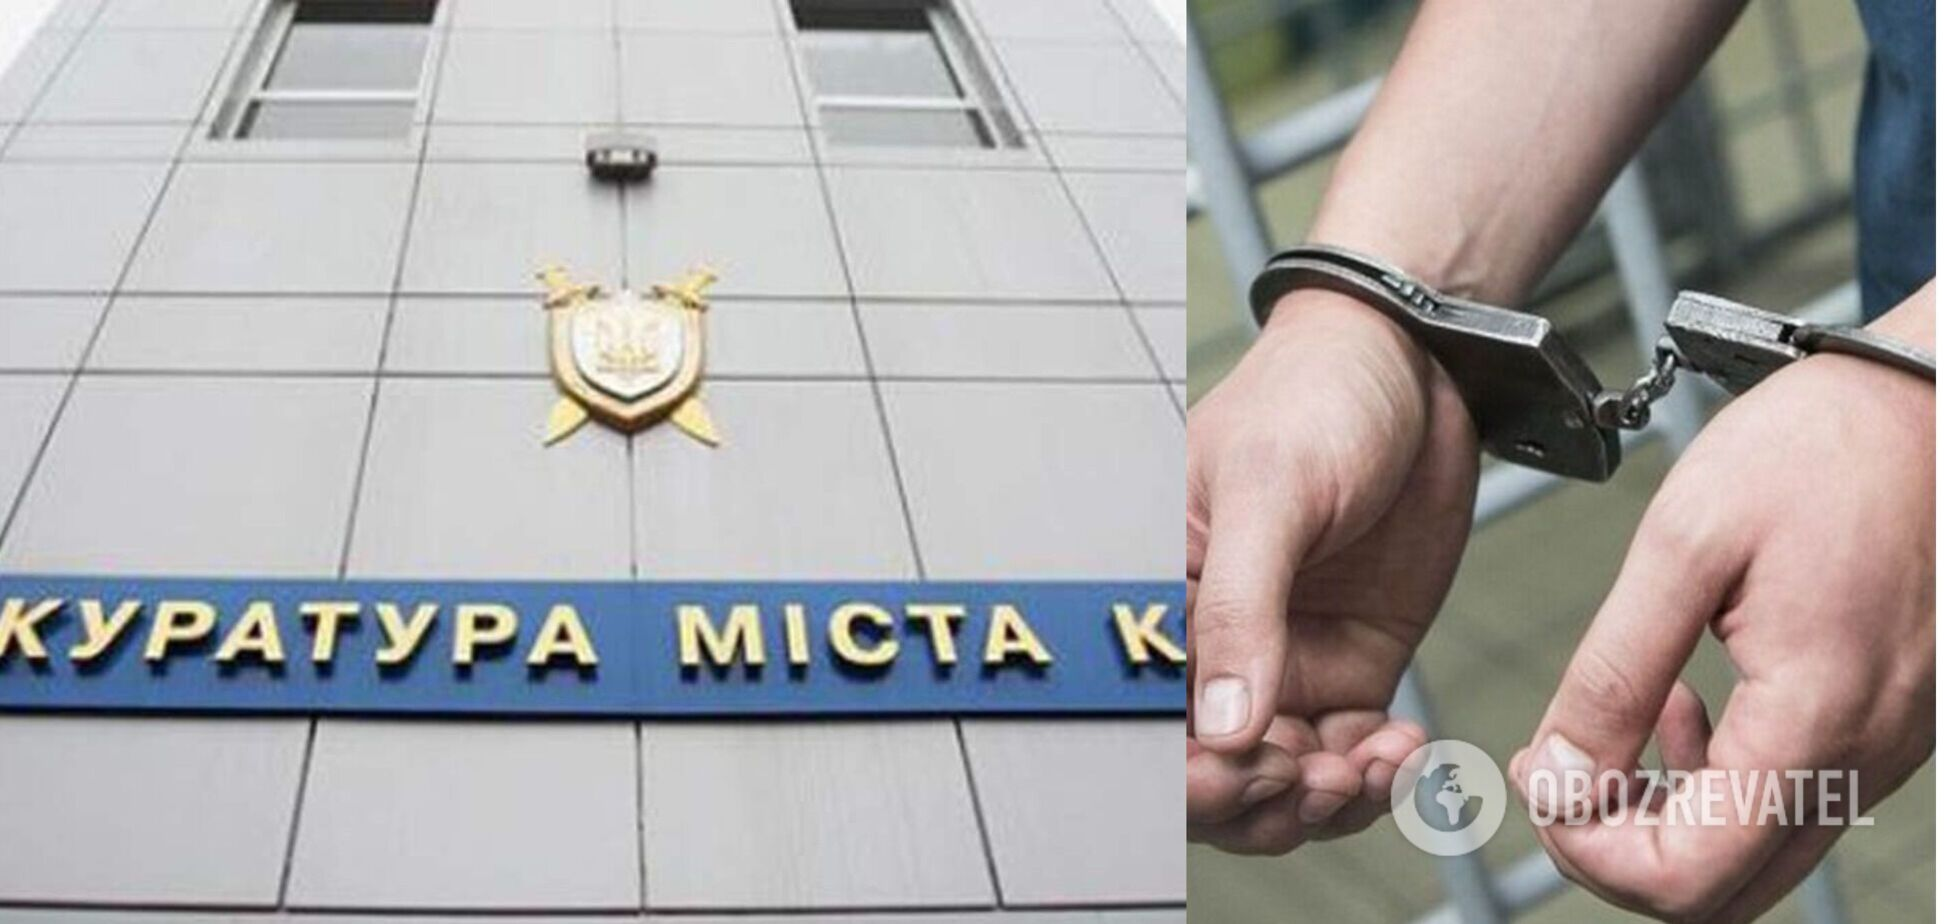 В Киеве арестовали двух сообщников, которые едва не отправили на кремацию мумифицированное тело пенсионера